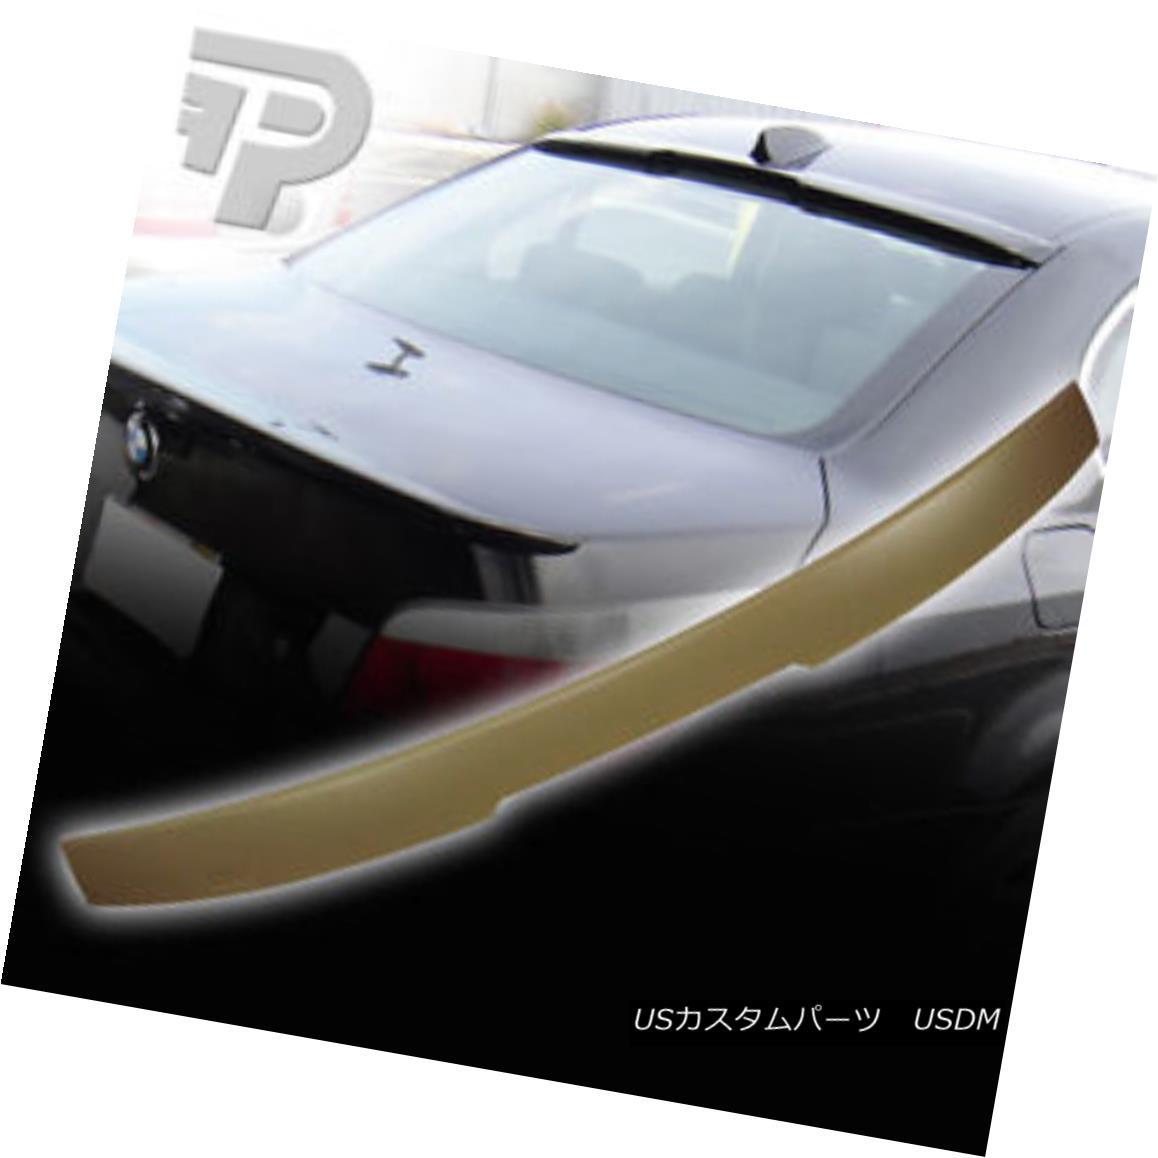 エアロパーツ BMW 5-SERIES E60 SEDAN A TYPE REAR ROOF SPOILER WING 525i M5 04-10▼ BMW 5シリーズE60セダンAタイプリアルーフスポイラーウイング525i M5 04-10?